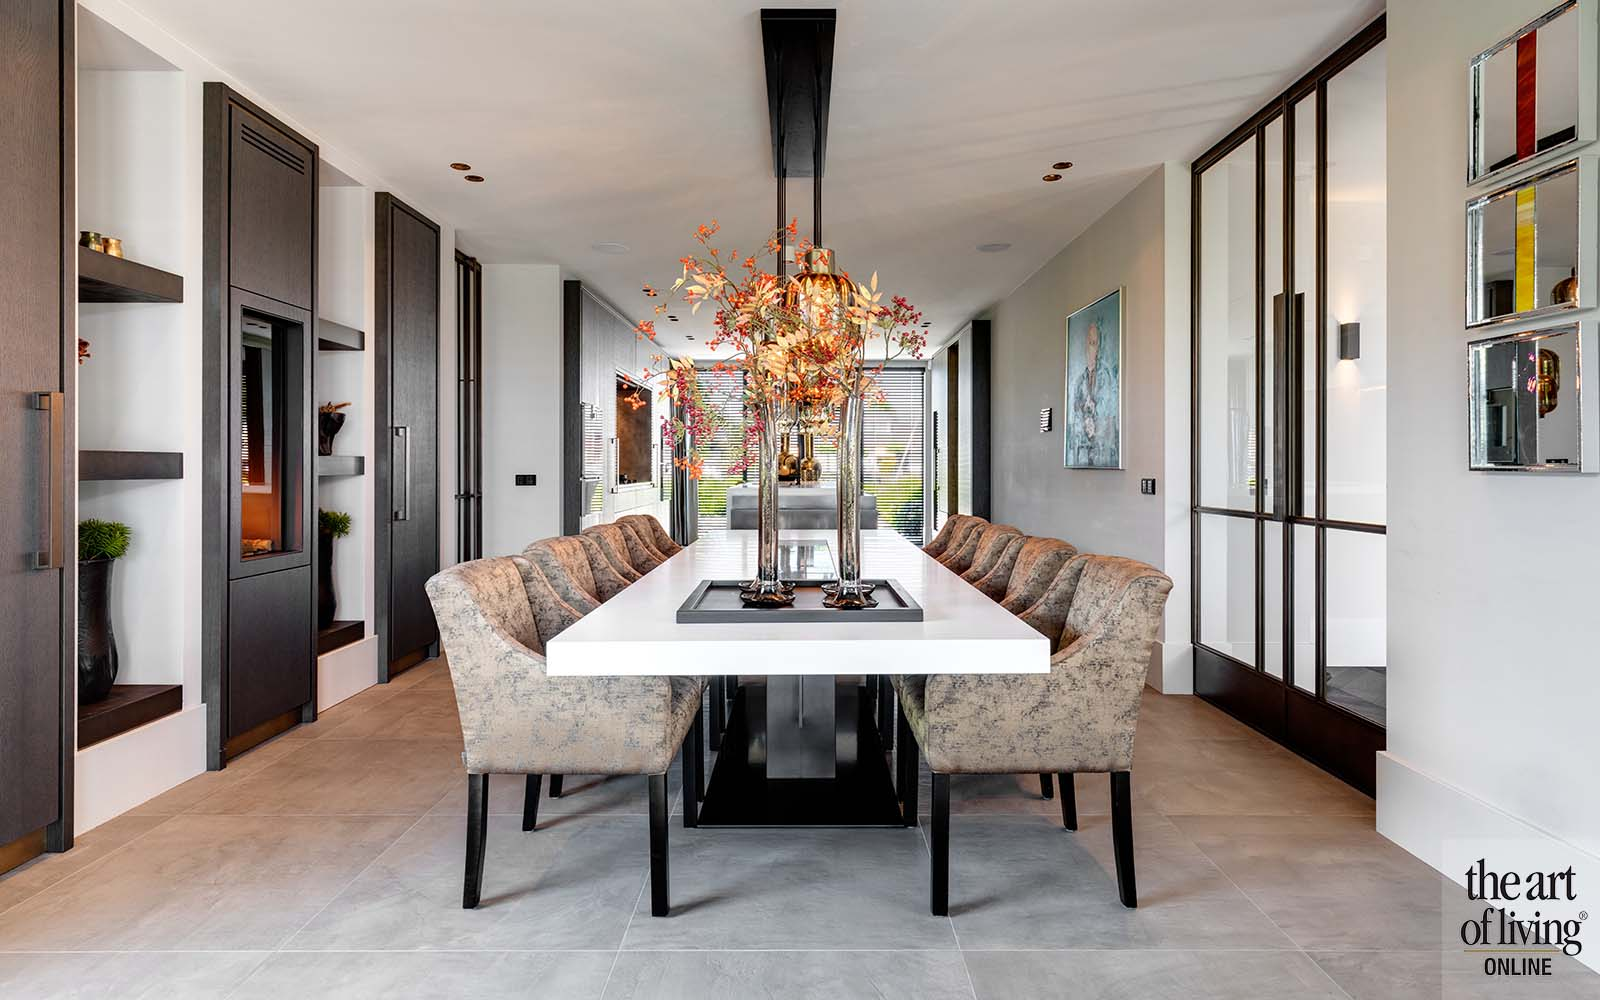 Villa aan het water | NOWA, the art of living